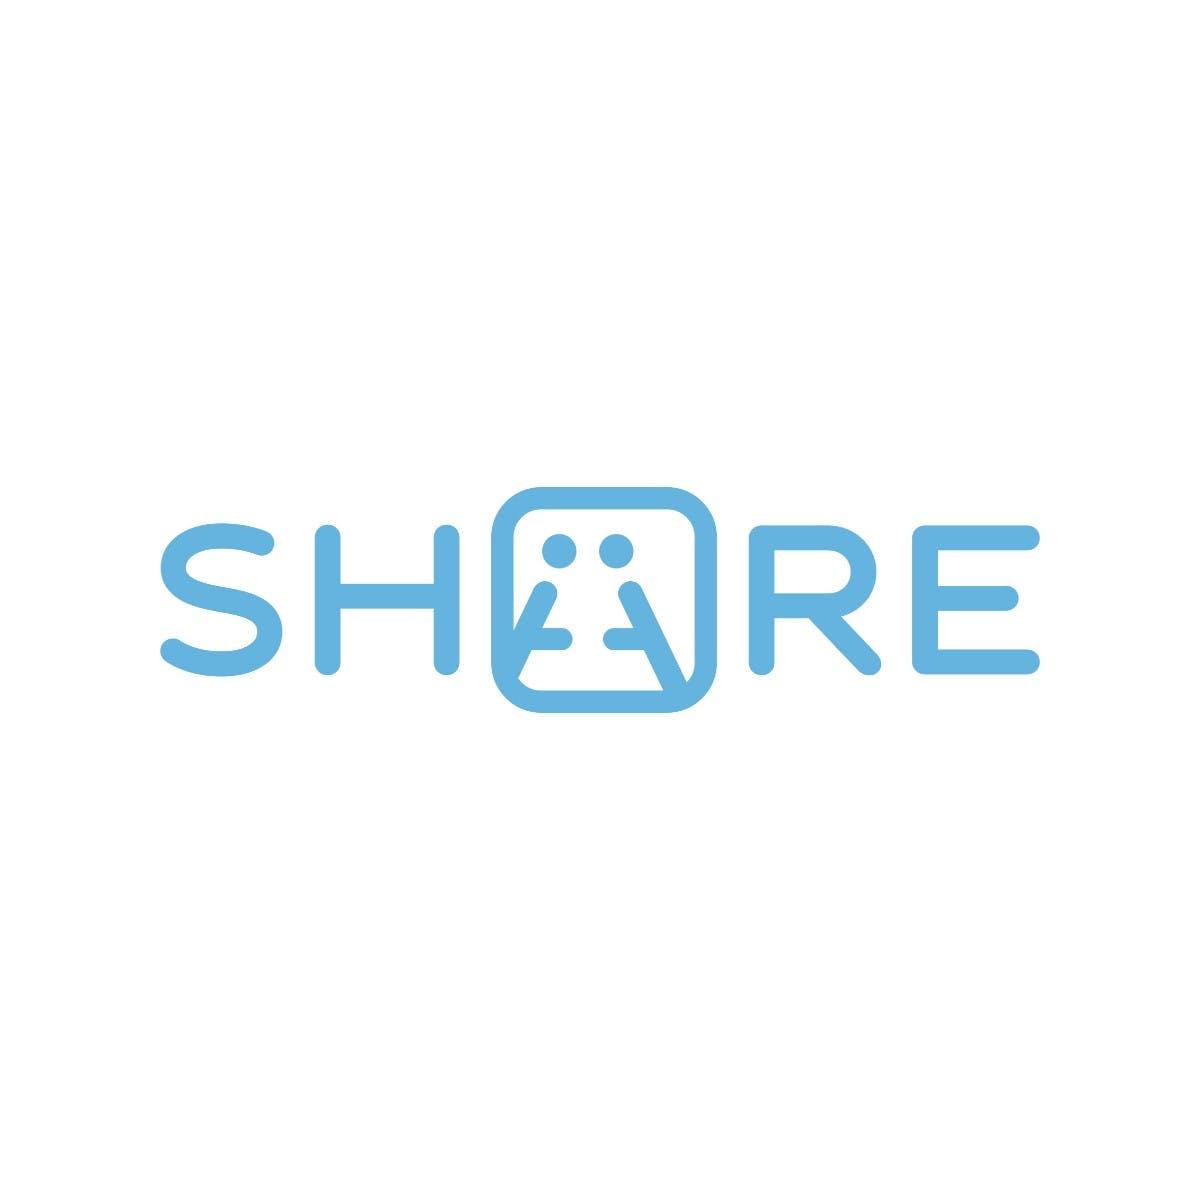 shaere